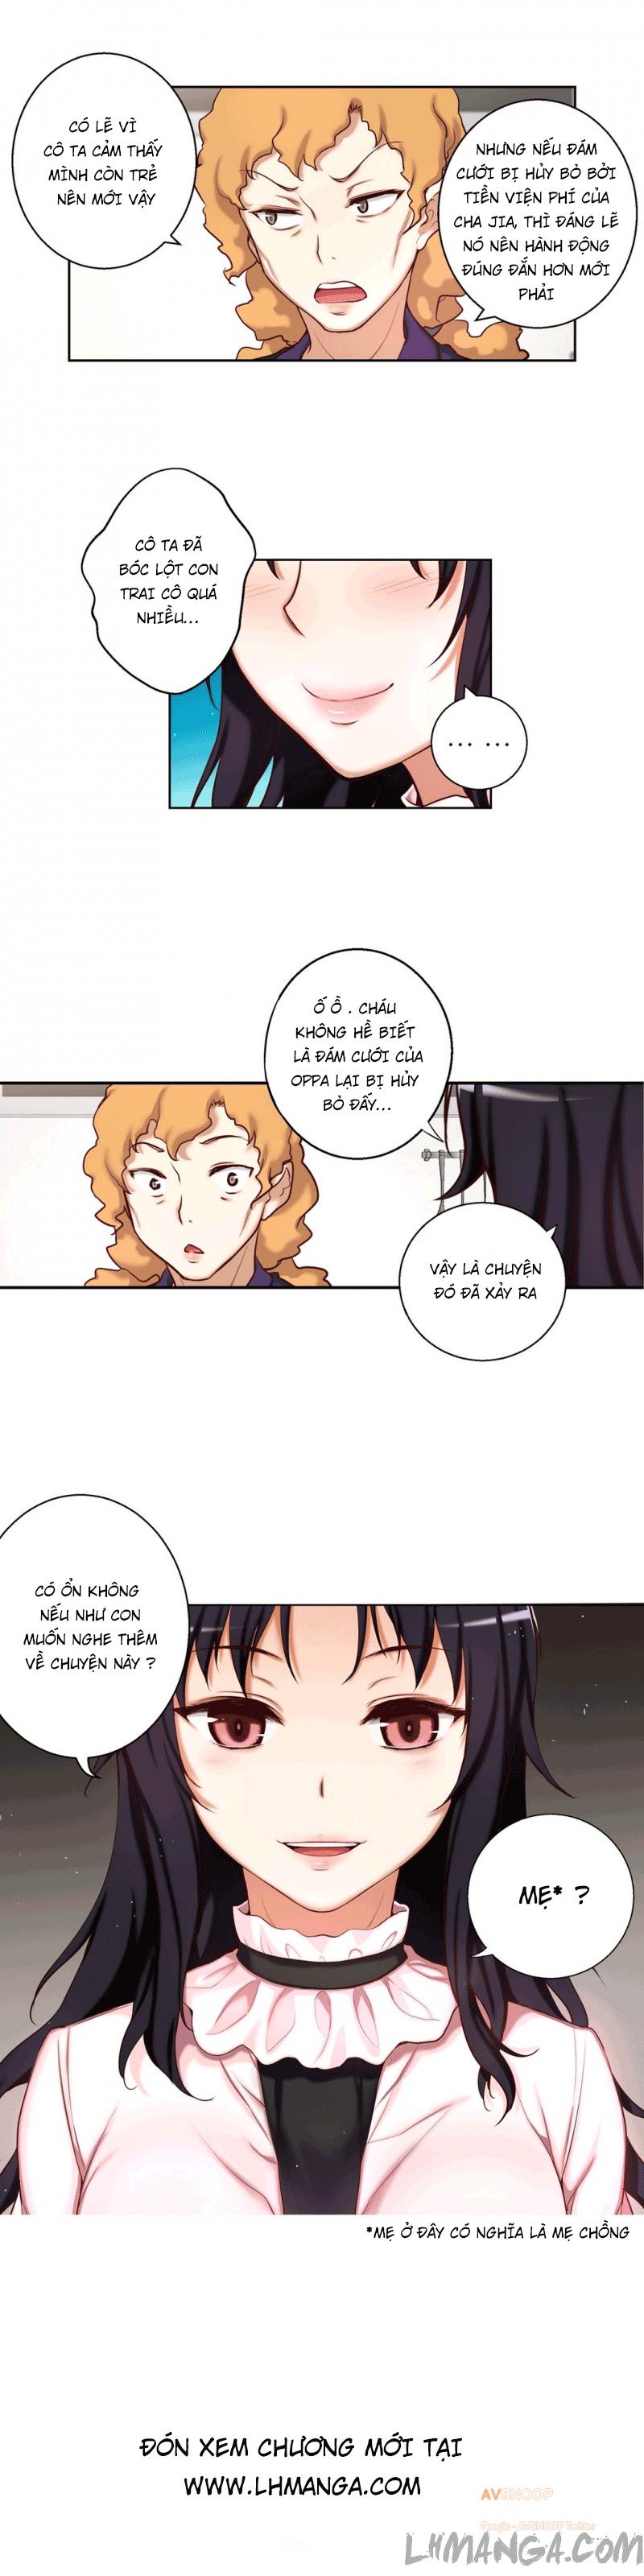 Hình ảnh HINH_00021 in [Siêu phẩm Hentai] Little Girl Full